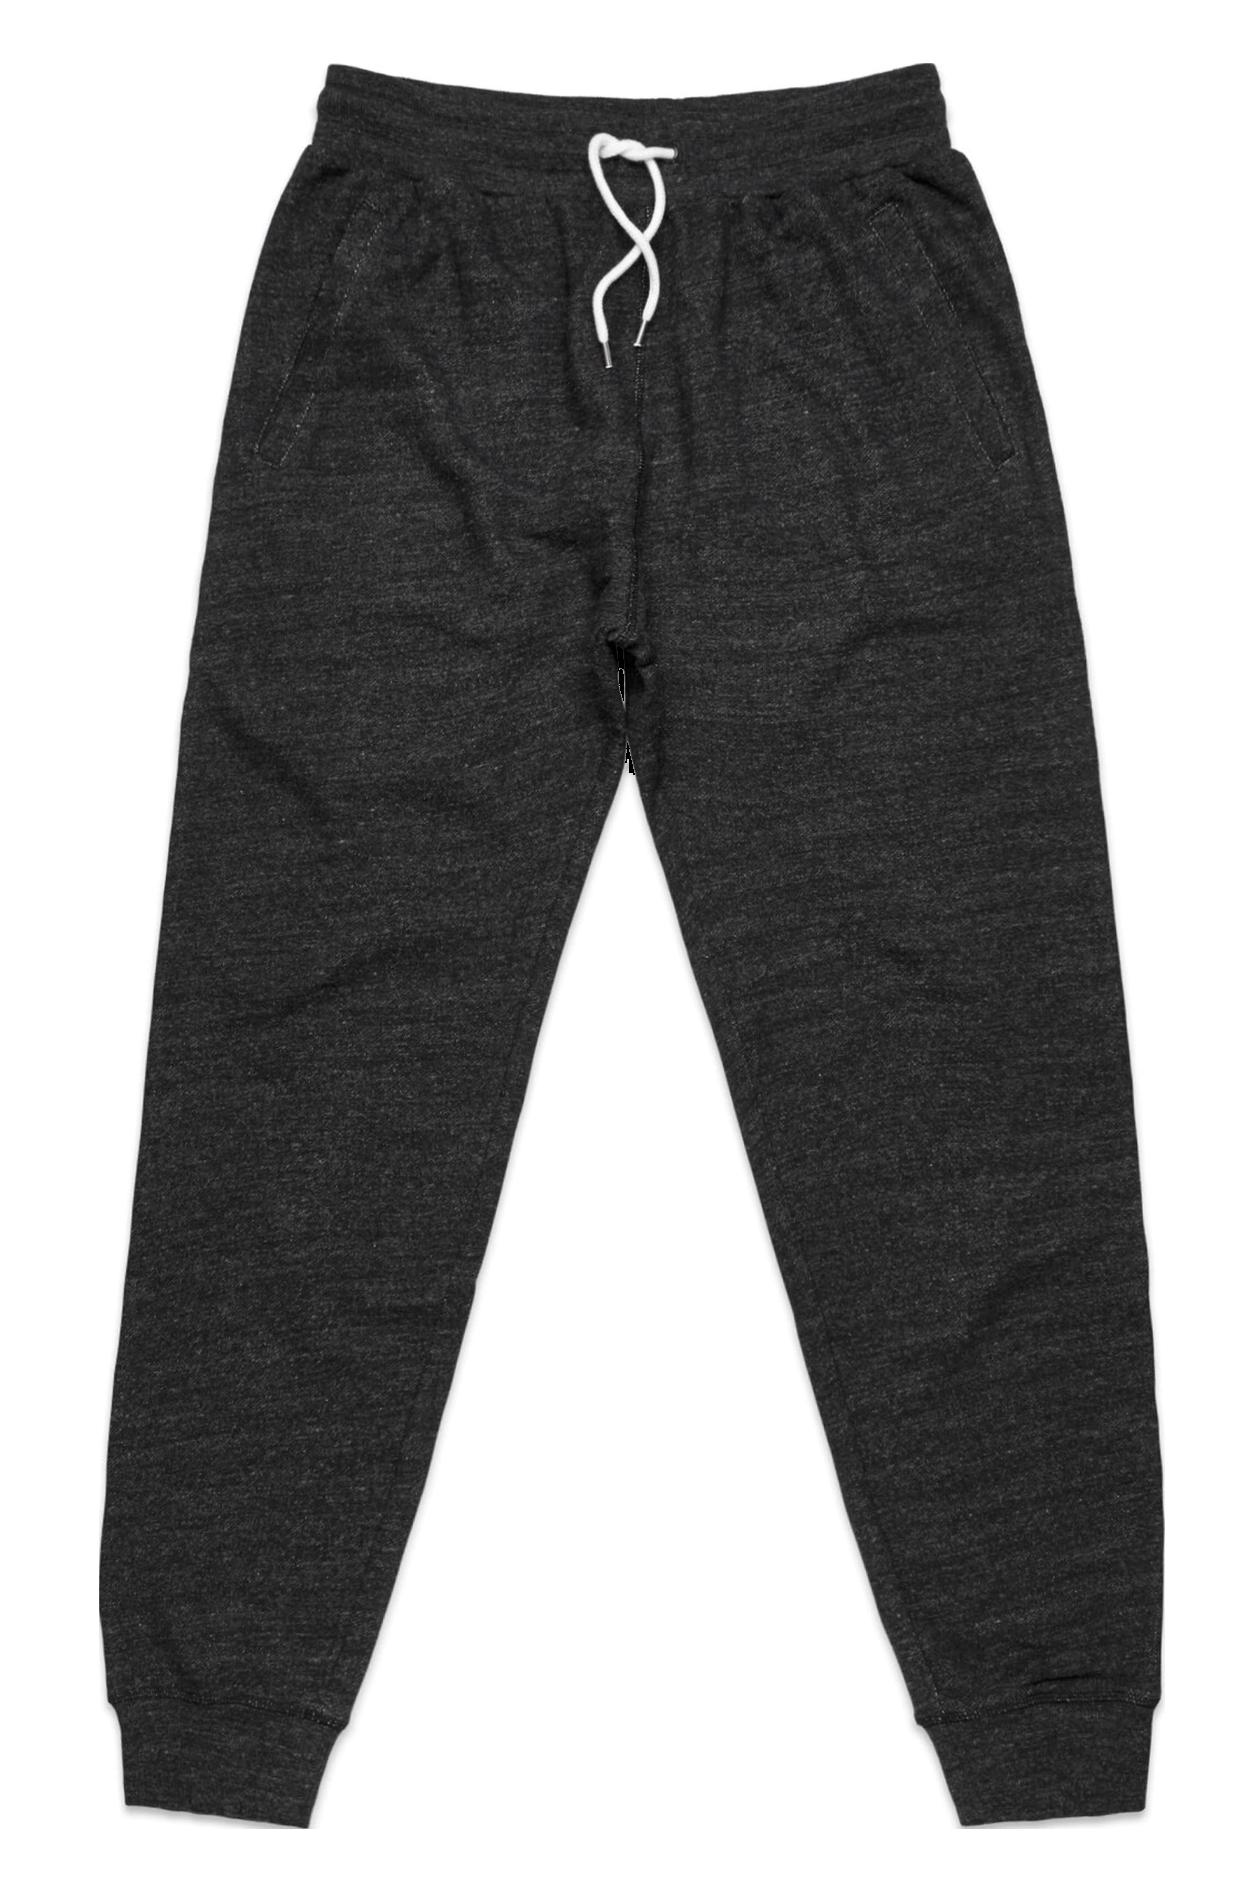 Black sweatpants plain PNG